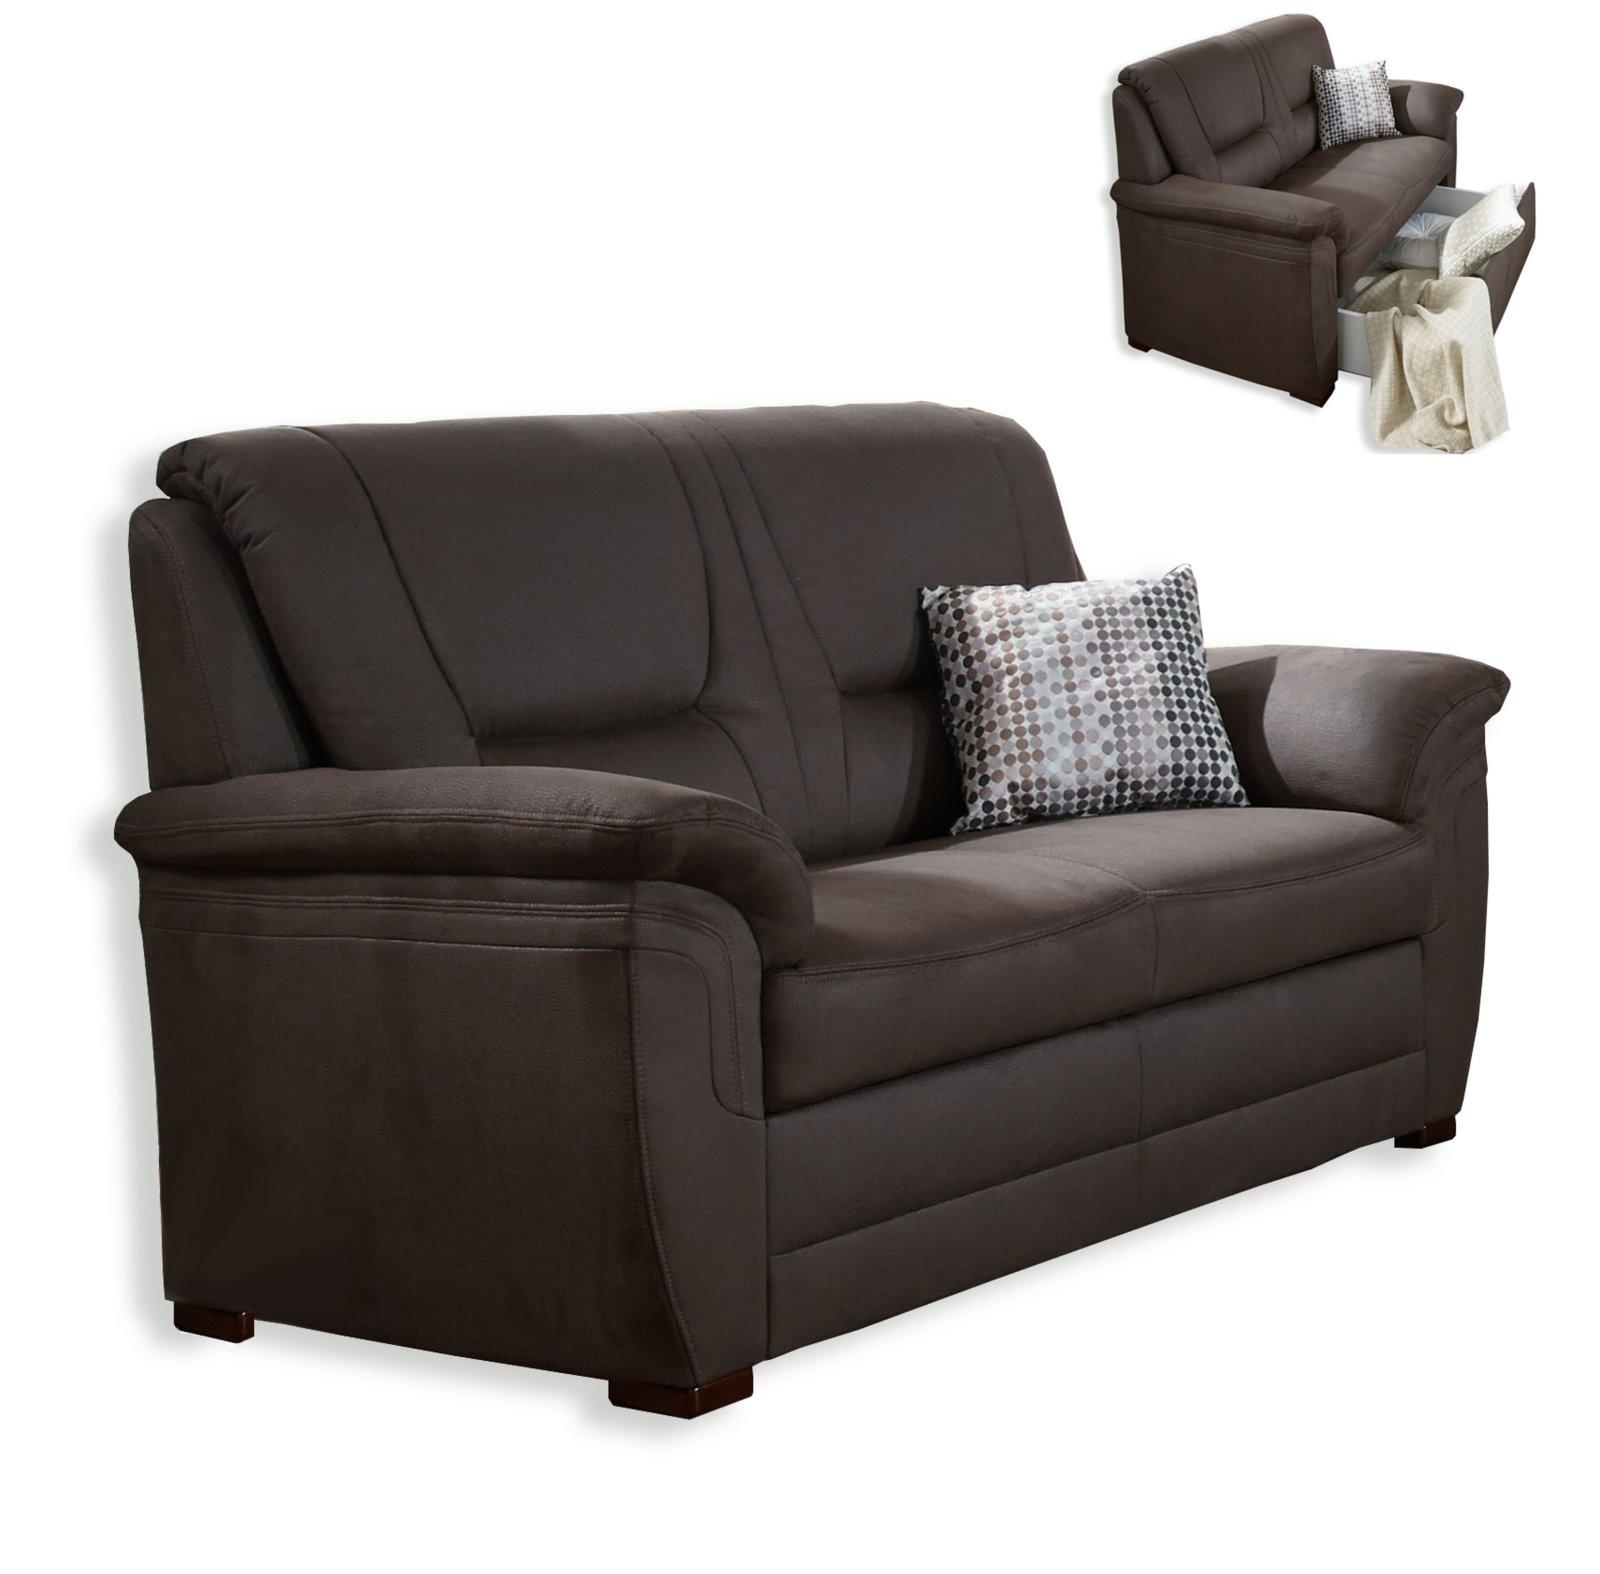 2 sitzer sofa braun mit staukasten bonellfederkern